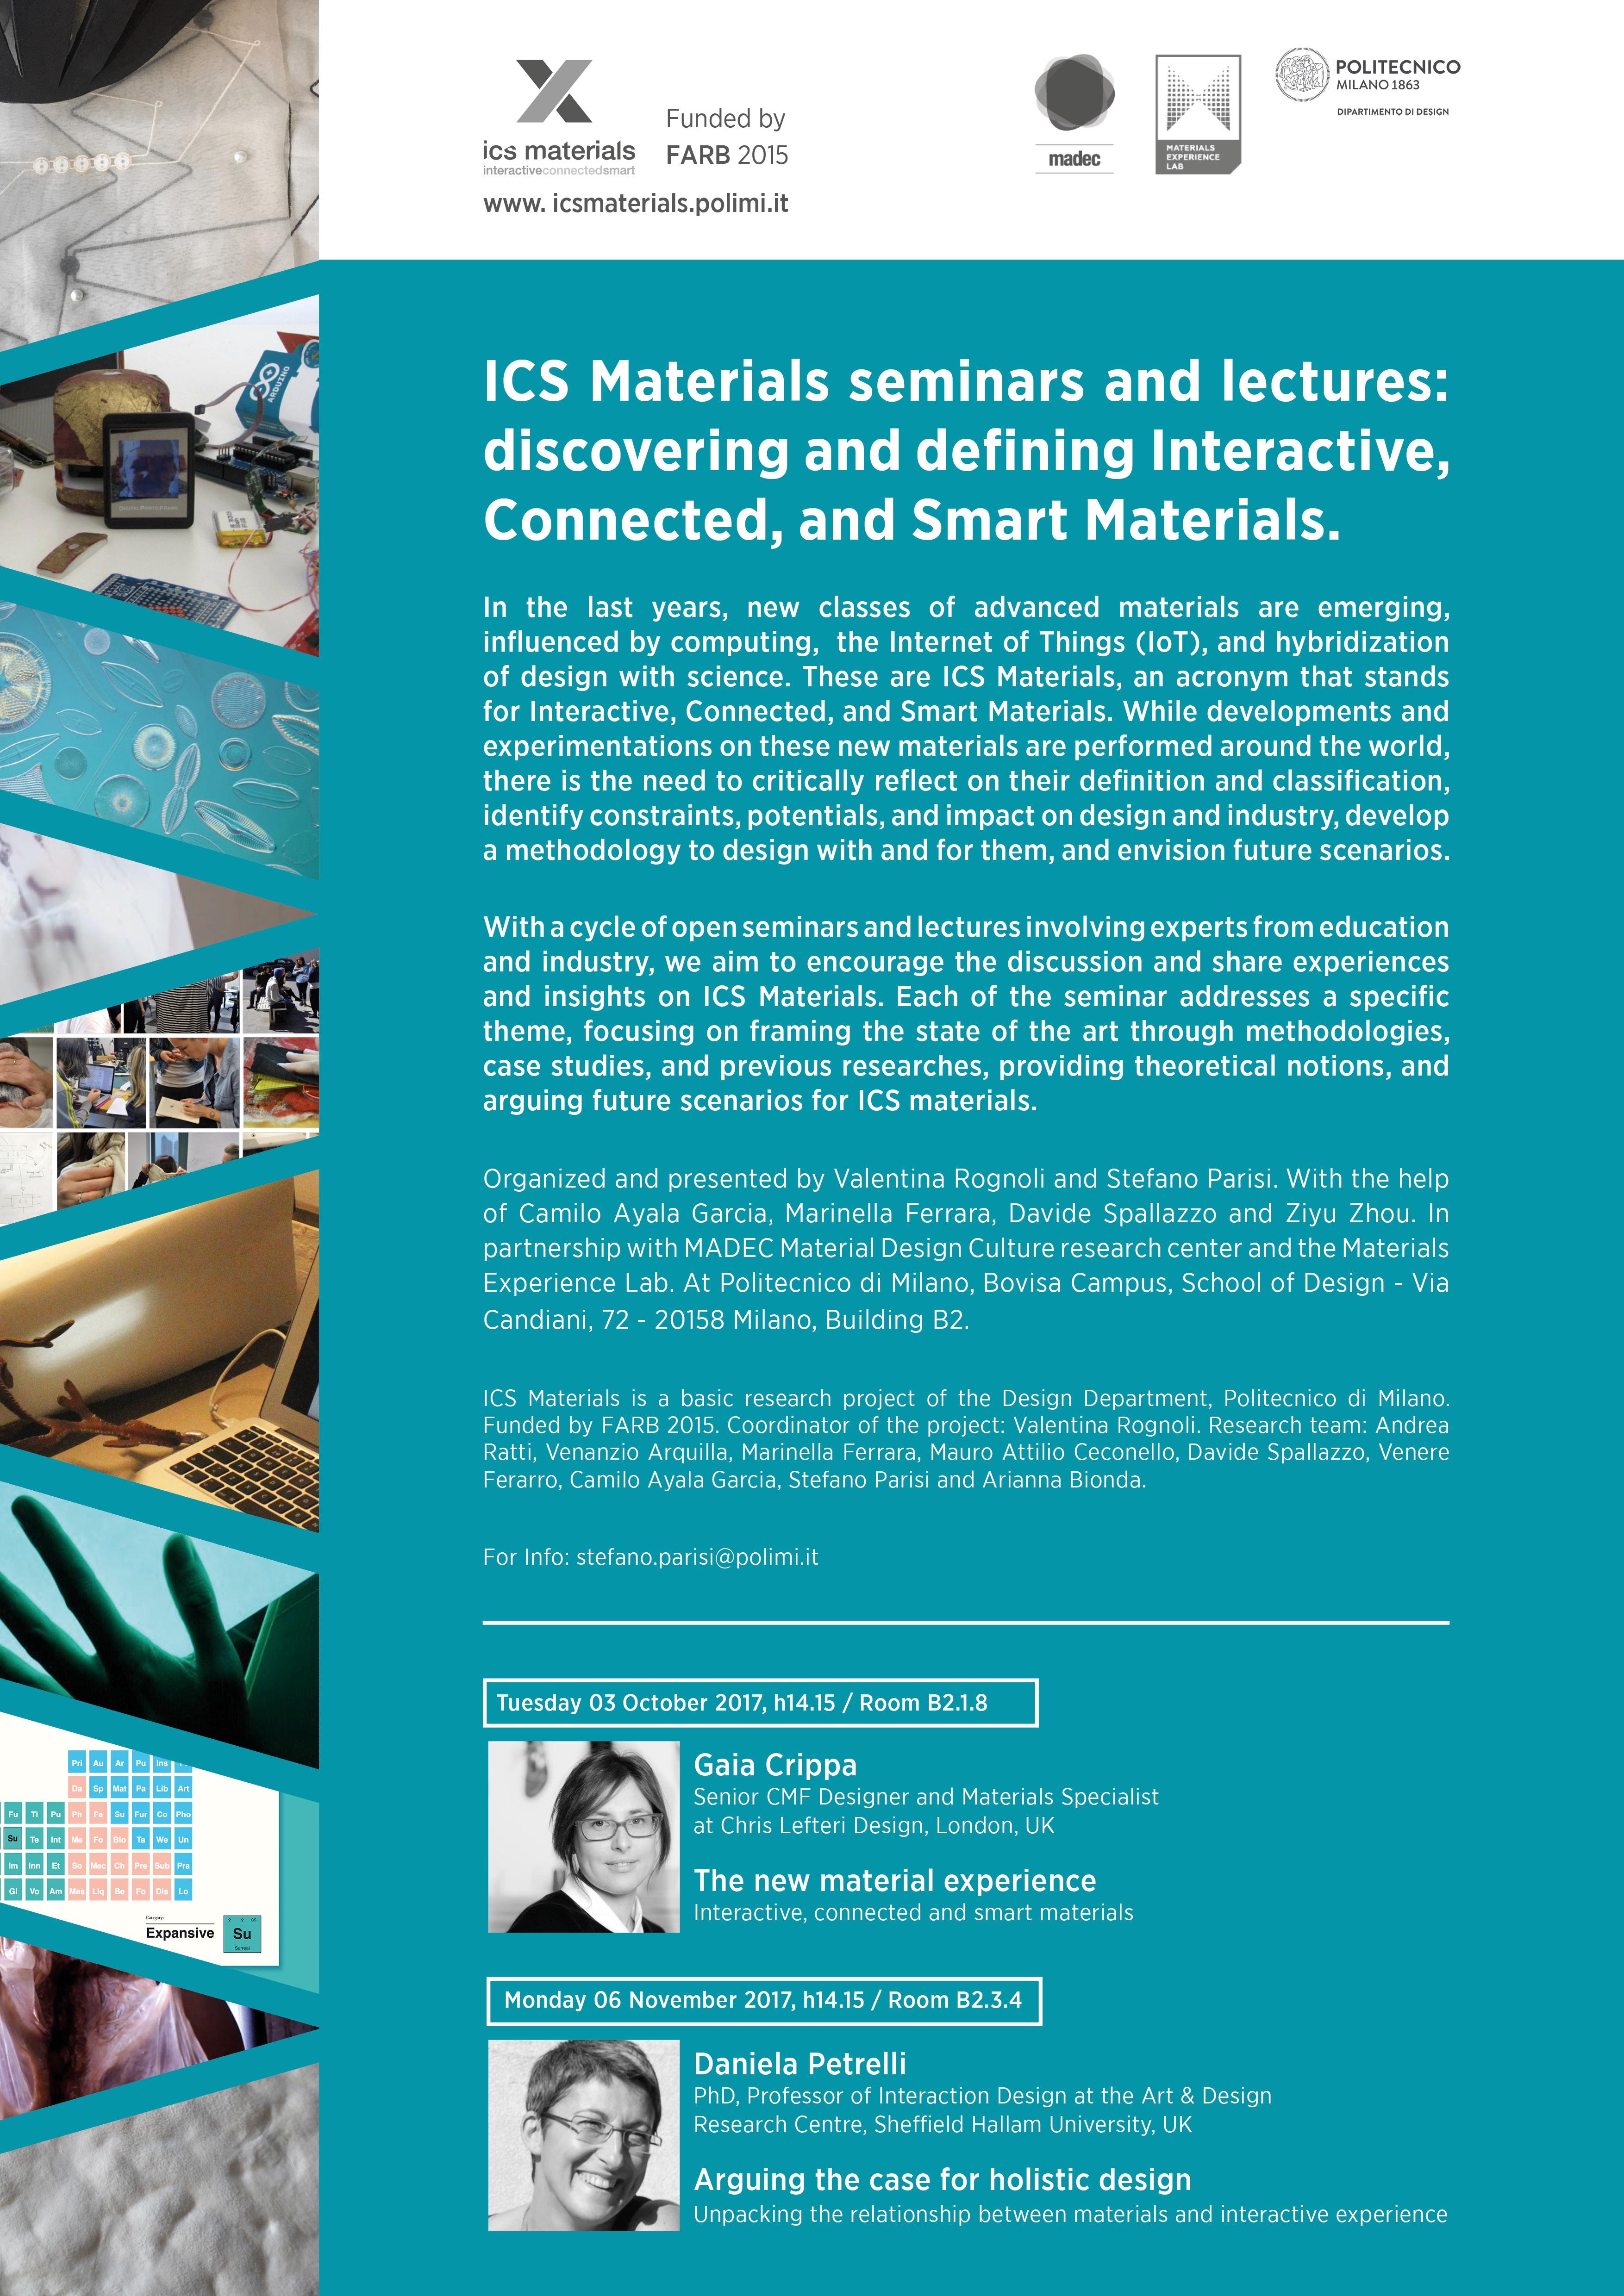 ICS Materials Seminars and Lectures Closing Poster 1.jpg